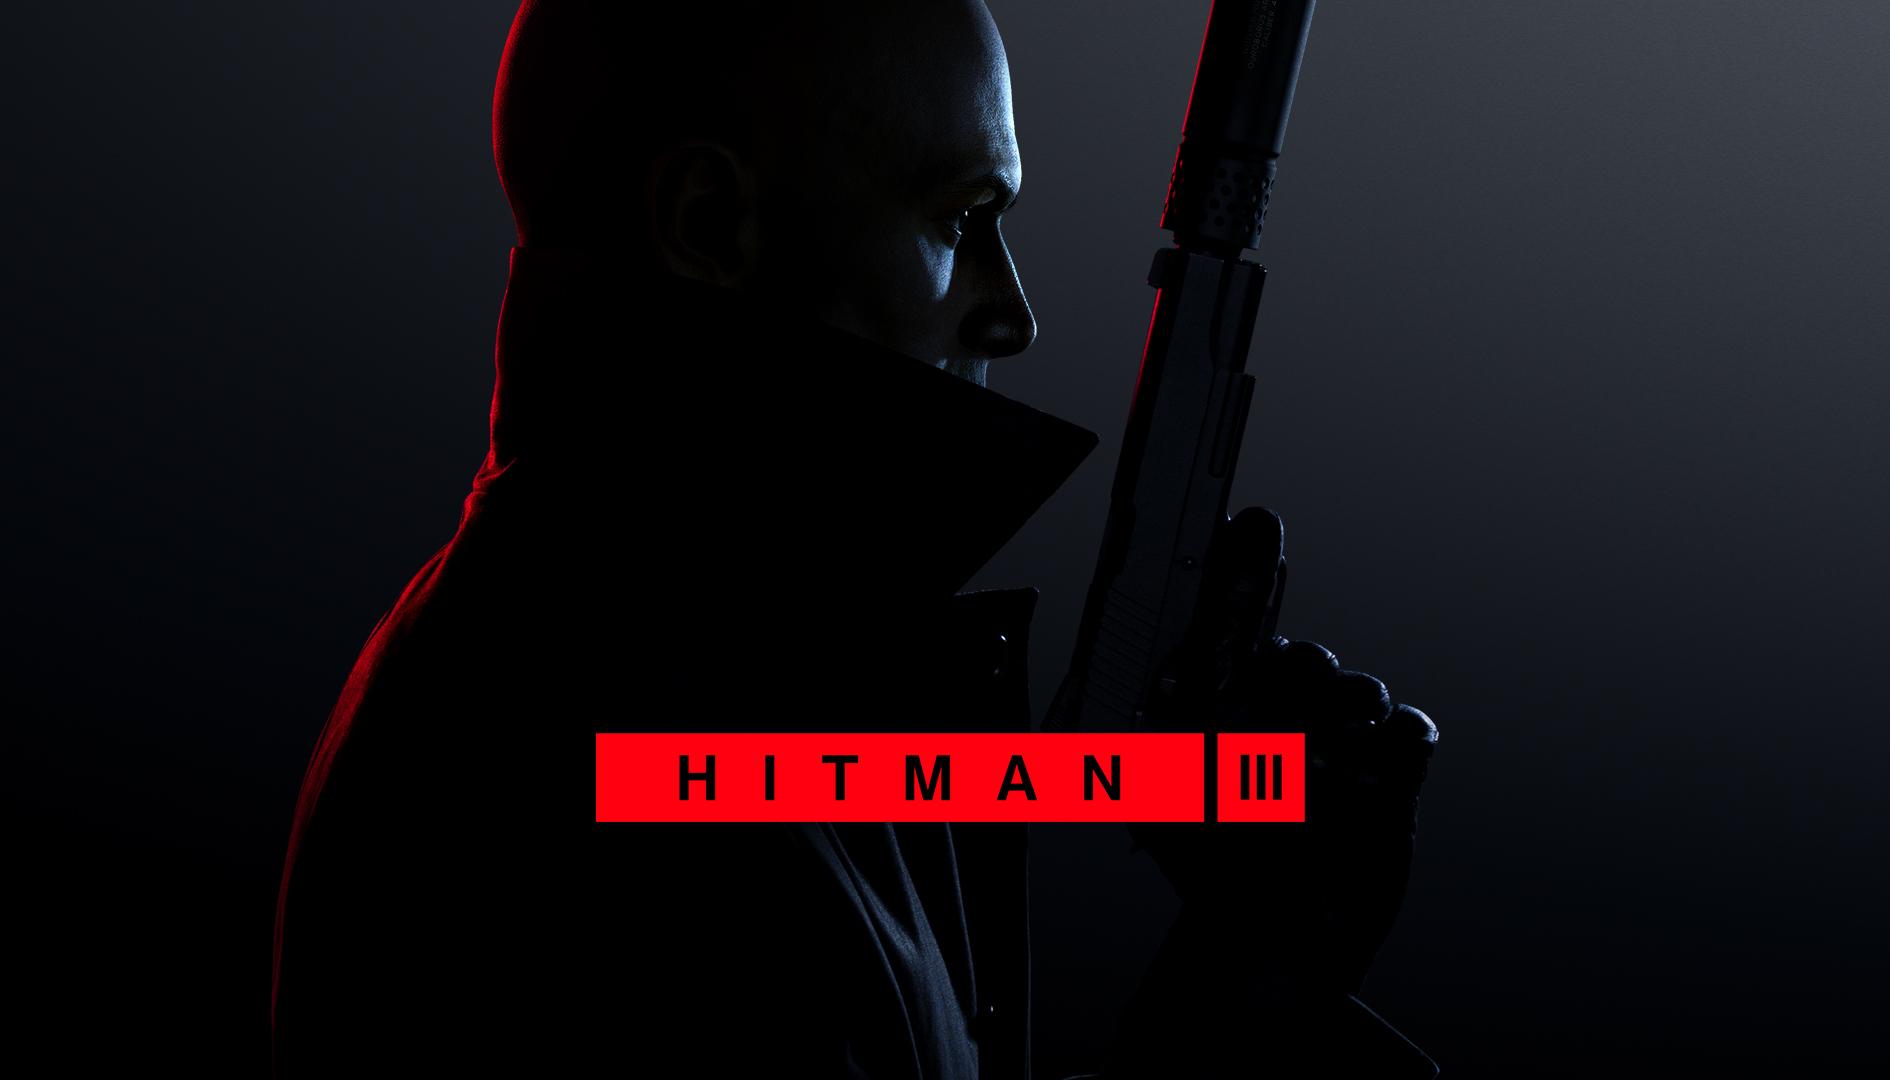 Hitman III: come importare i livelli di Hitman 1 su Xbox